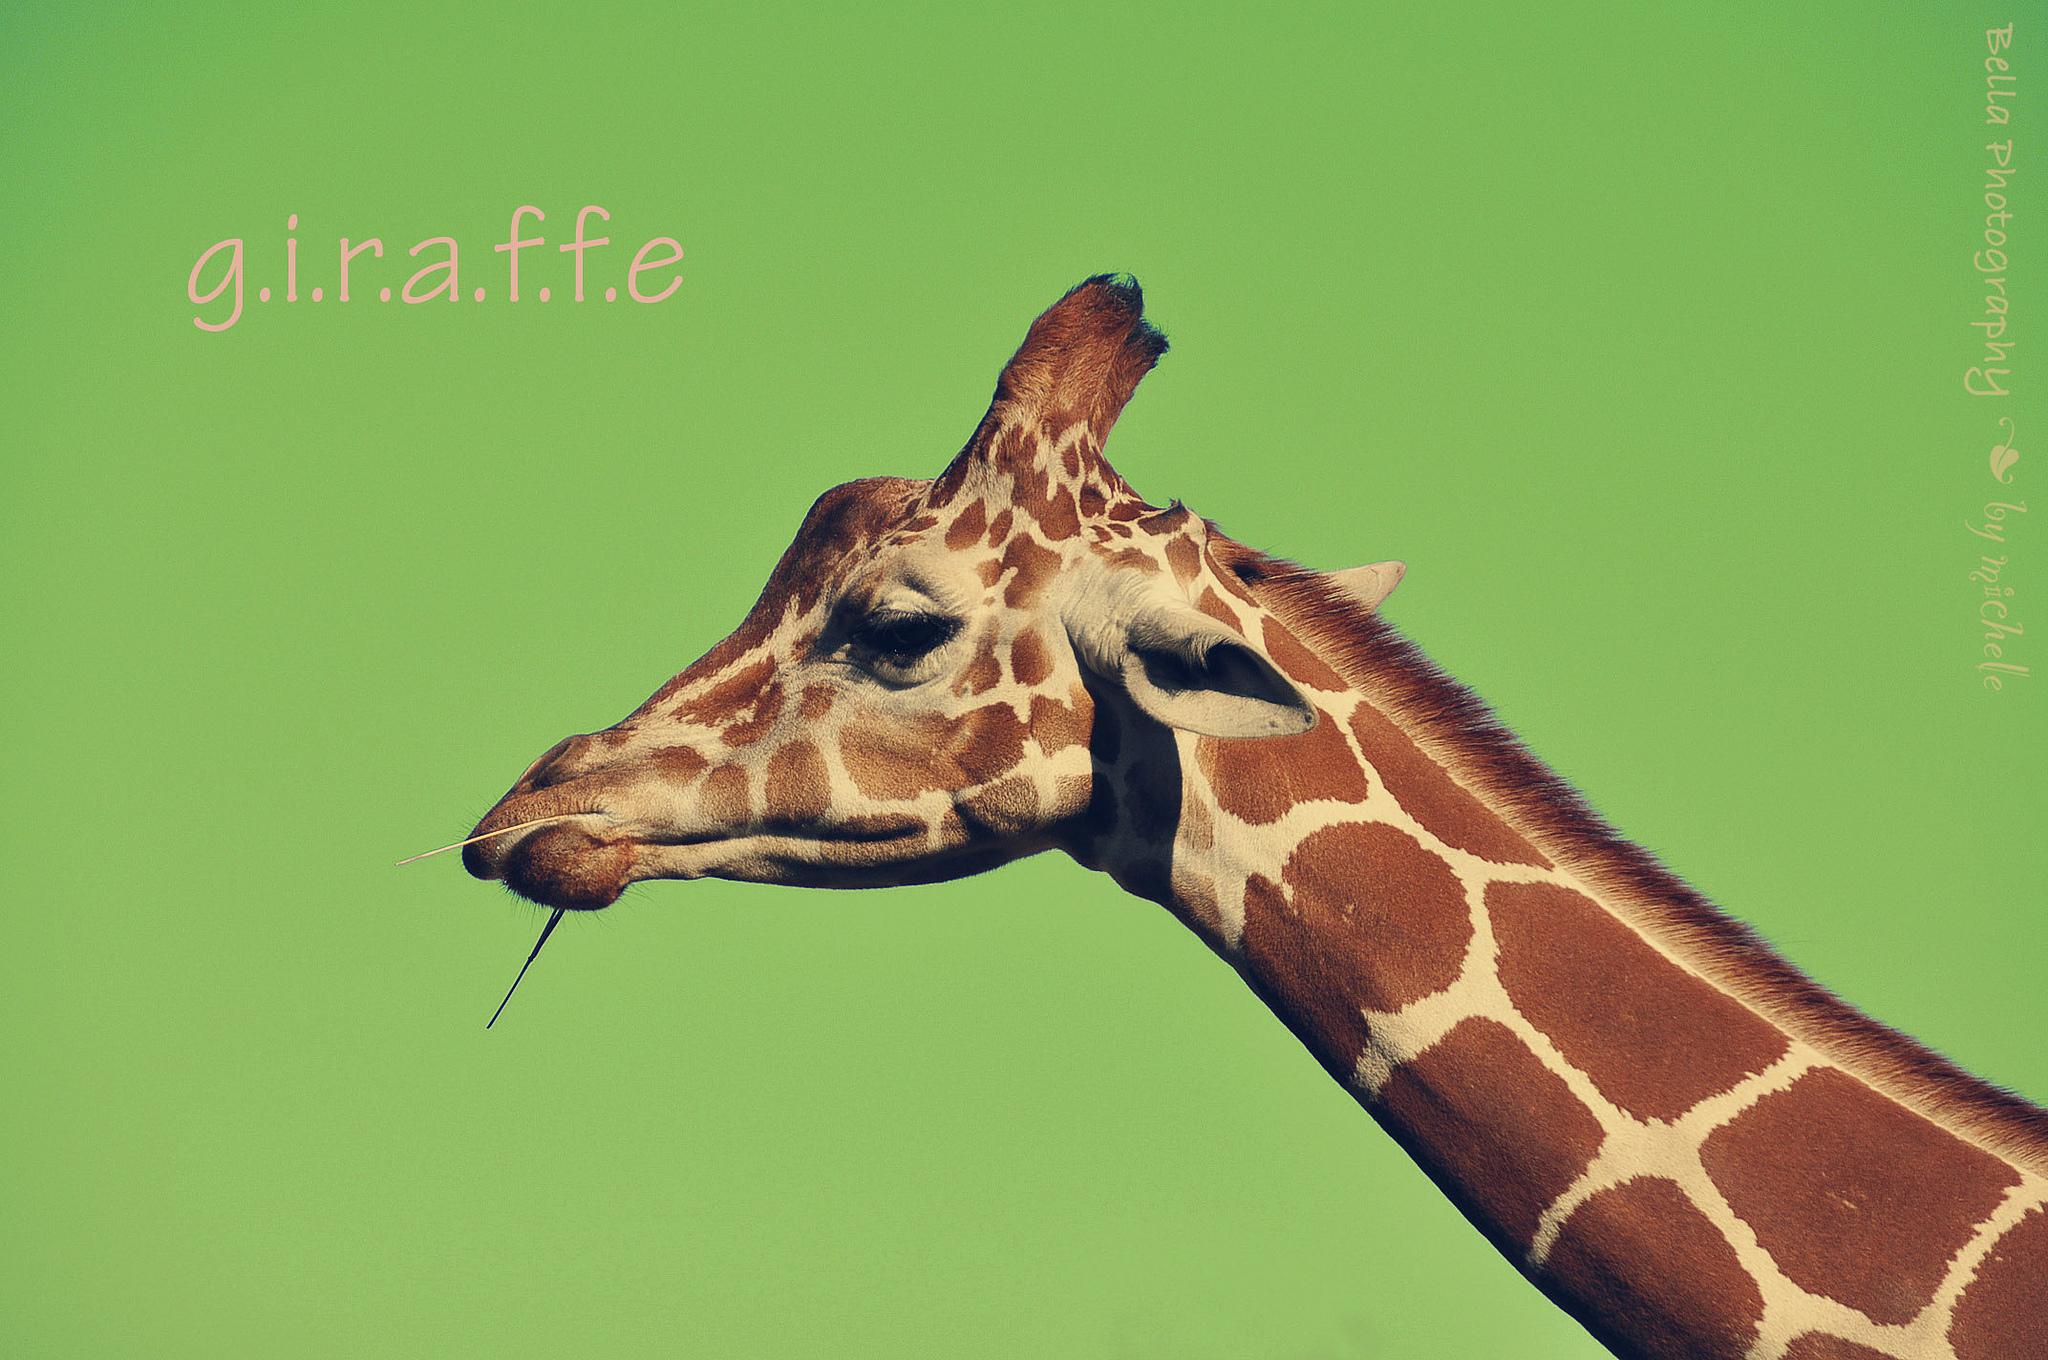 Жираф испугался  № 3895639 загрузить